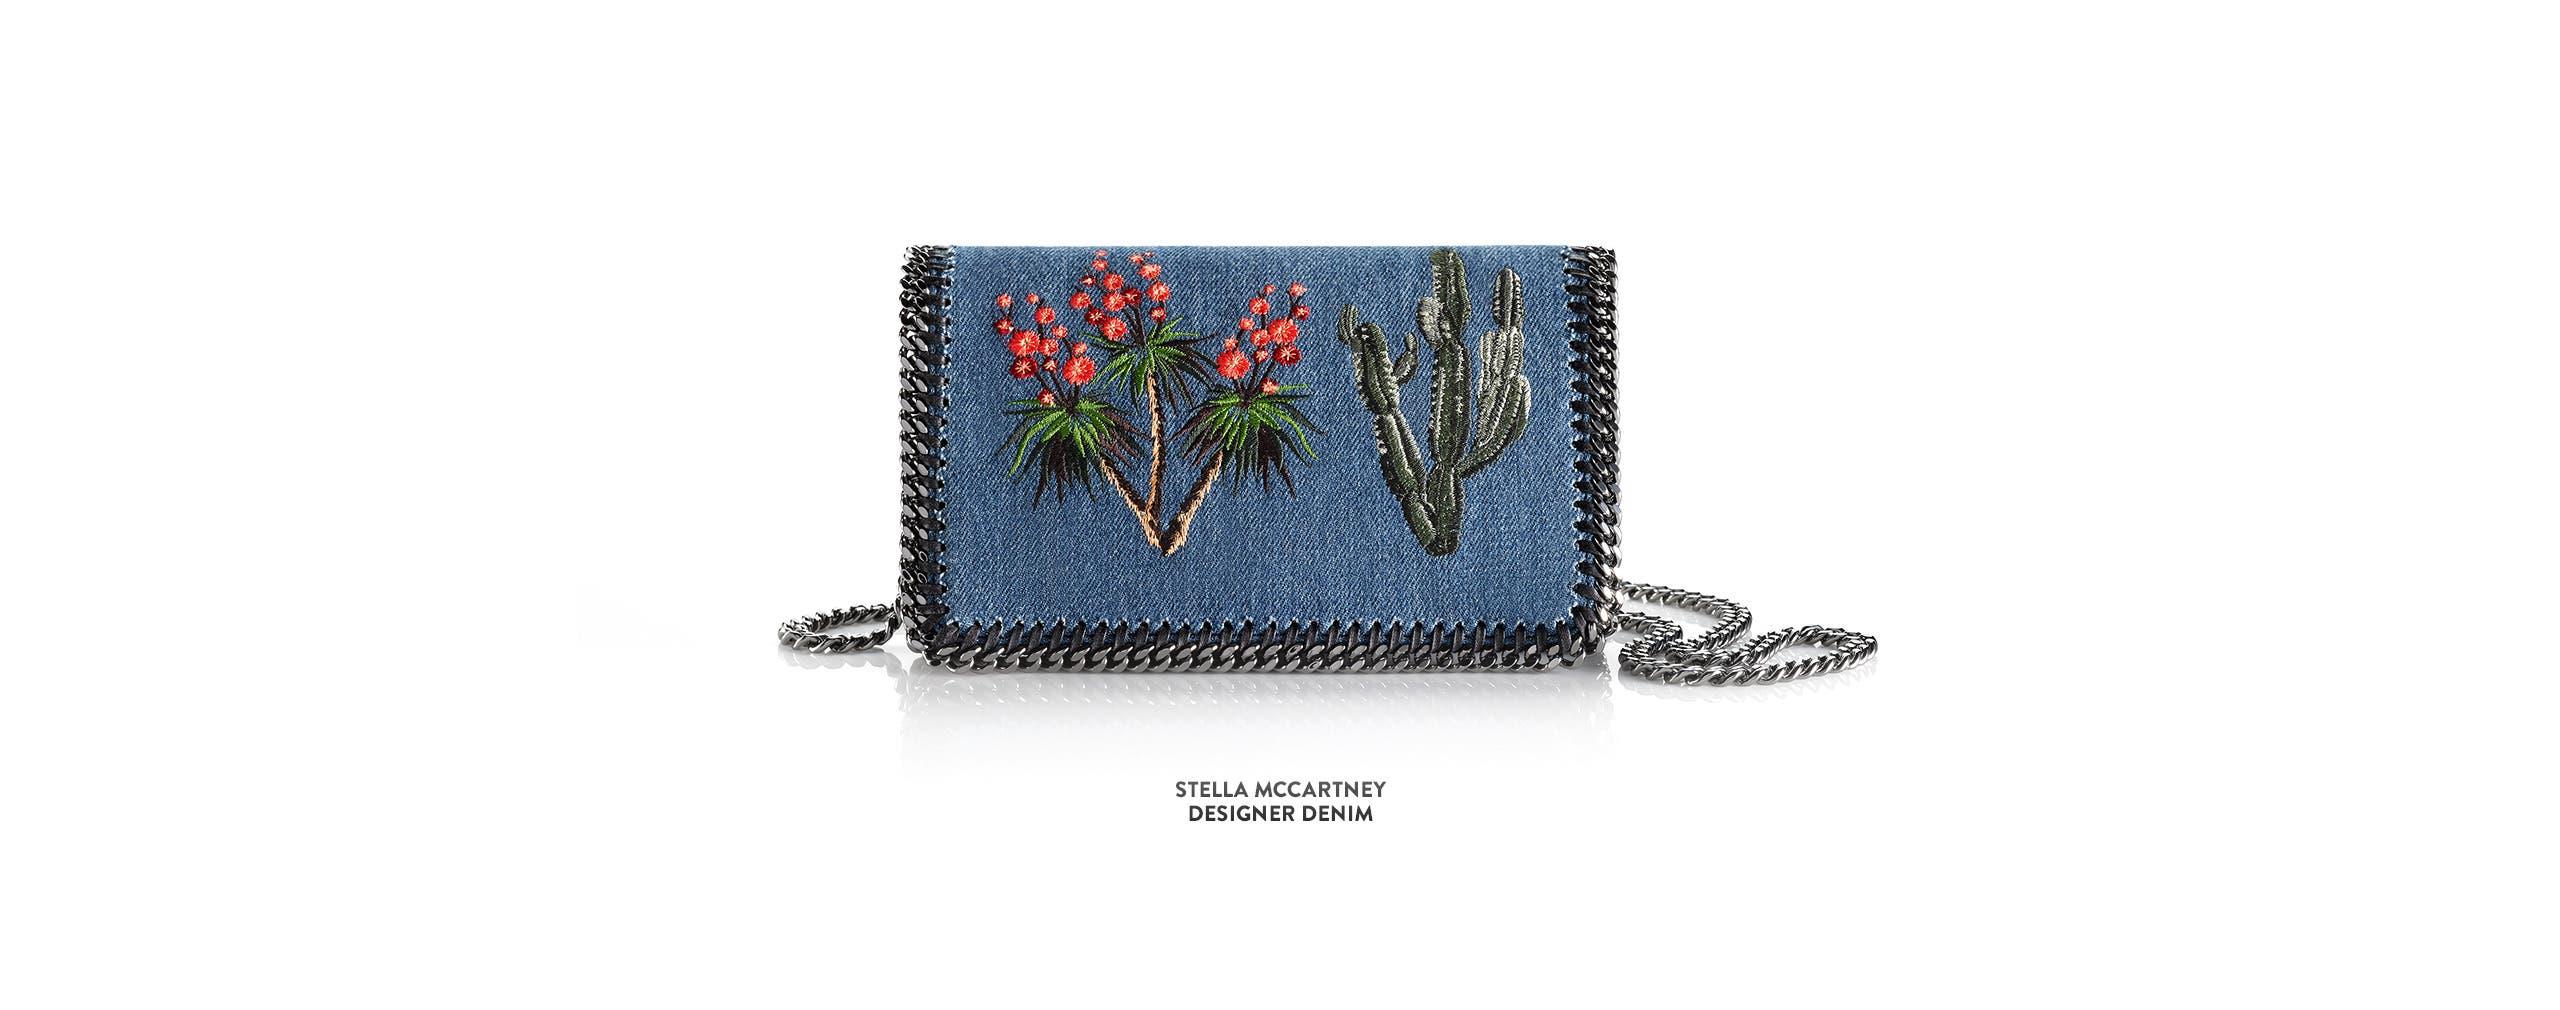 Stella McCartney embroidered denim shoulder bag and more designer handbags.